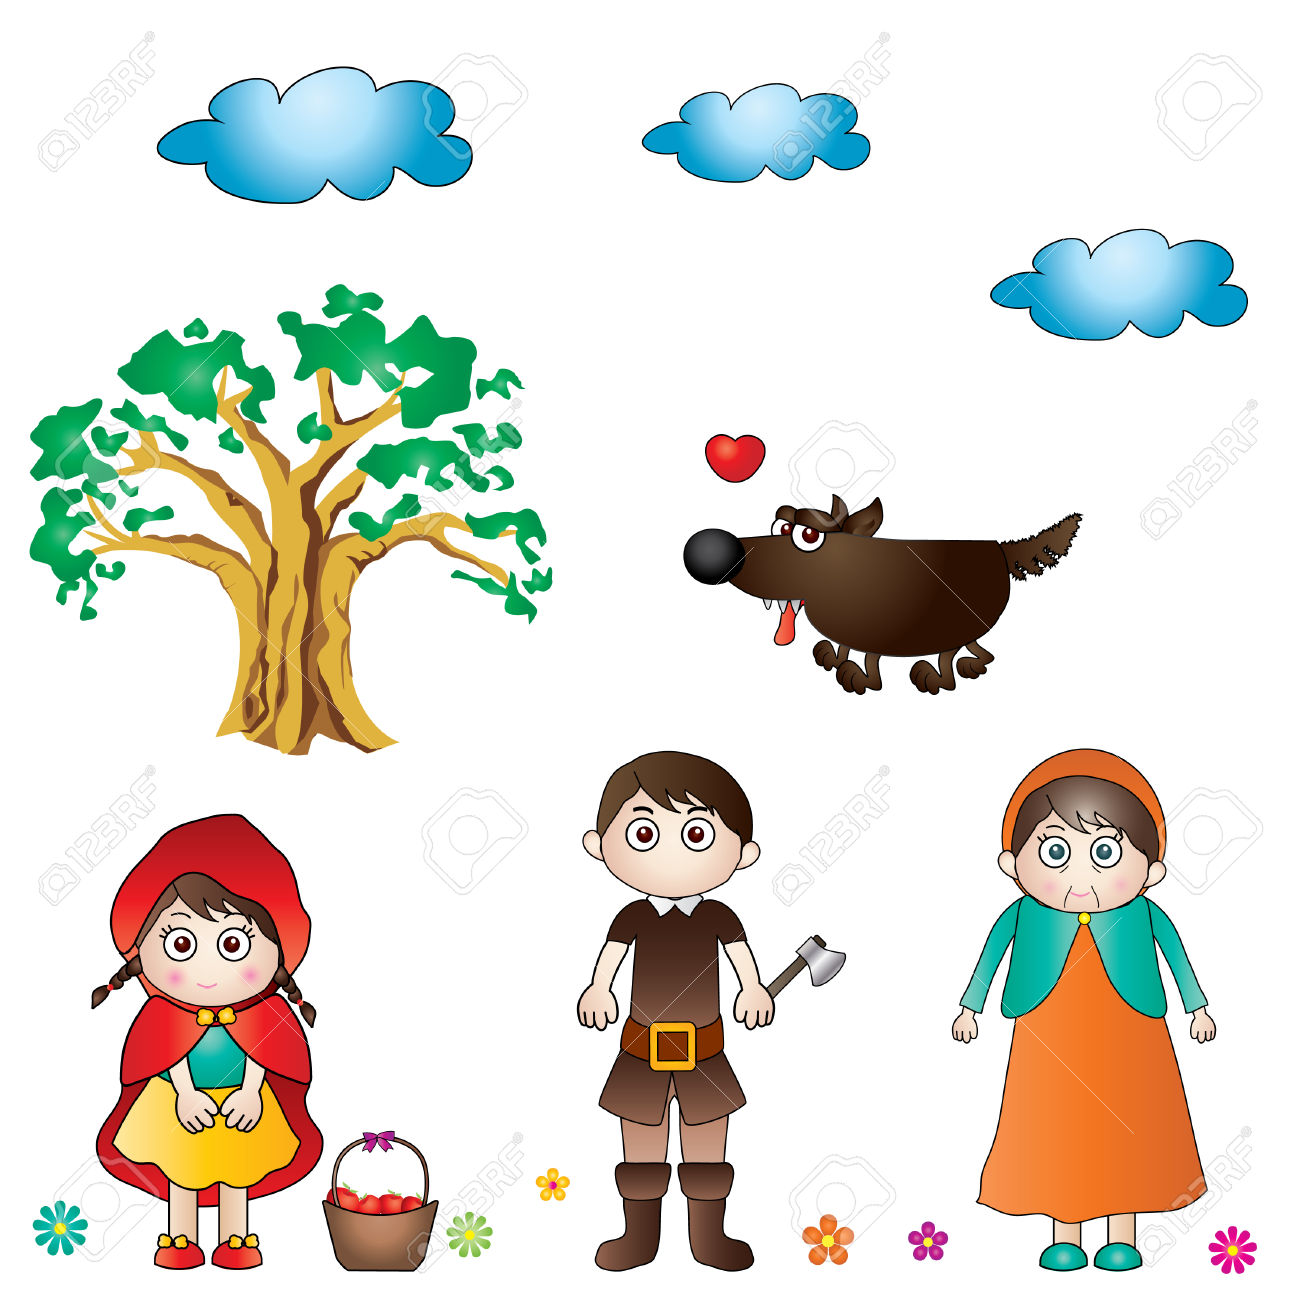 Caperucita Roja Y El Lobo Feroz En El Bosque Ilustraciones.